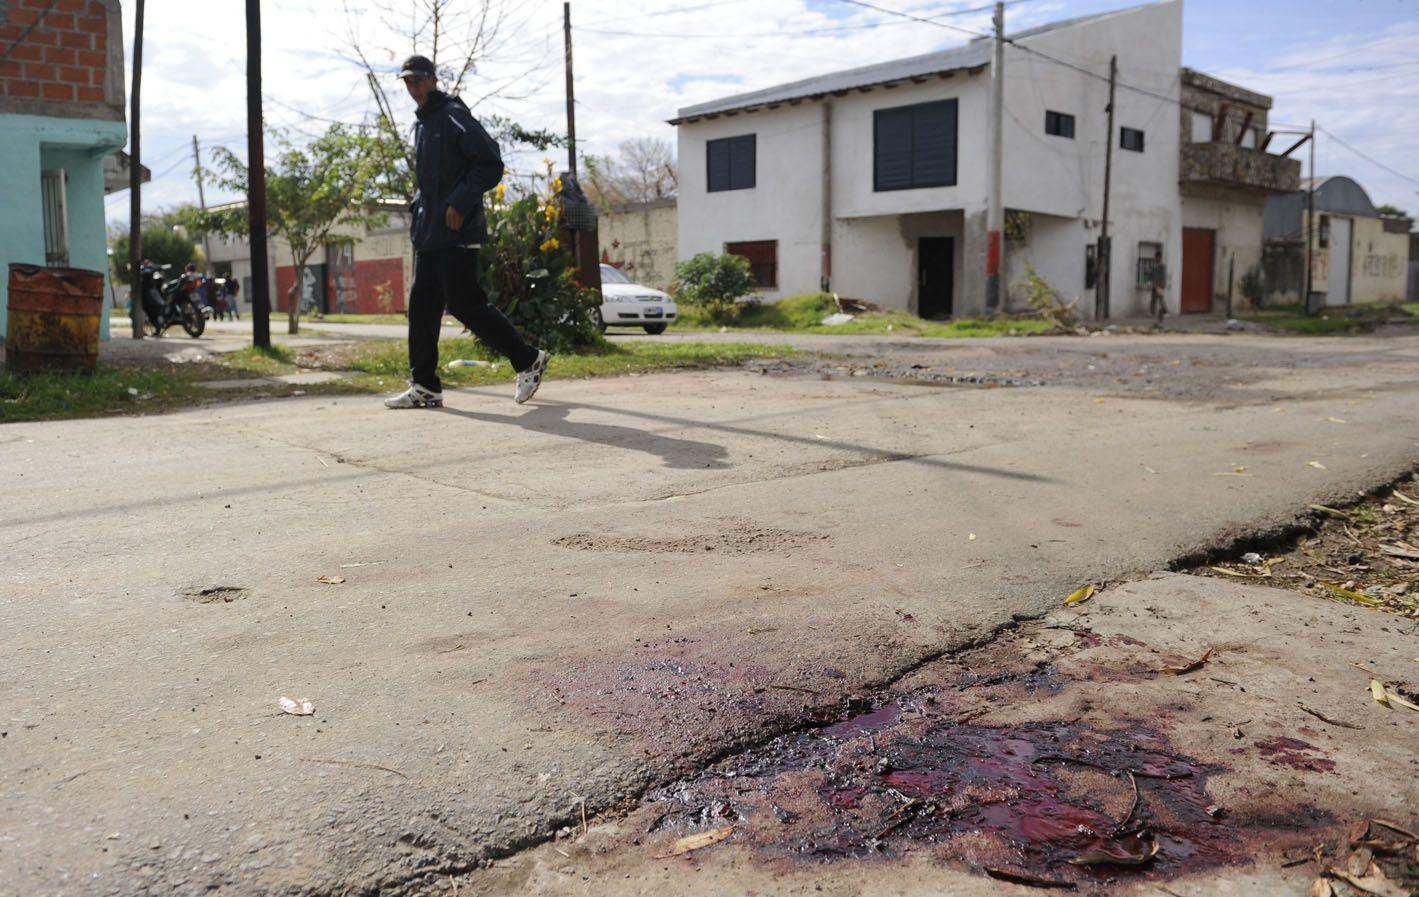 El lugar donde en mayo del año pasado mataron a Cristian Gauna.